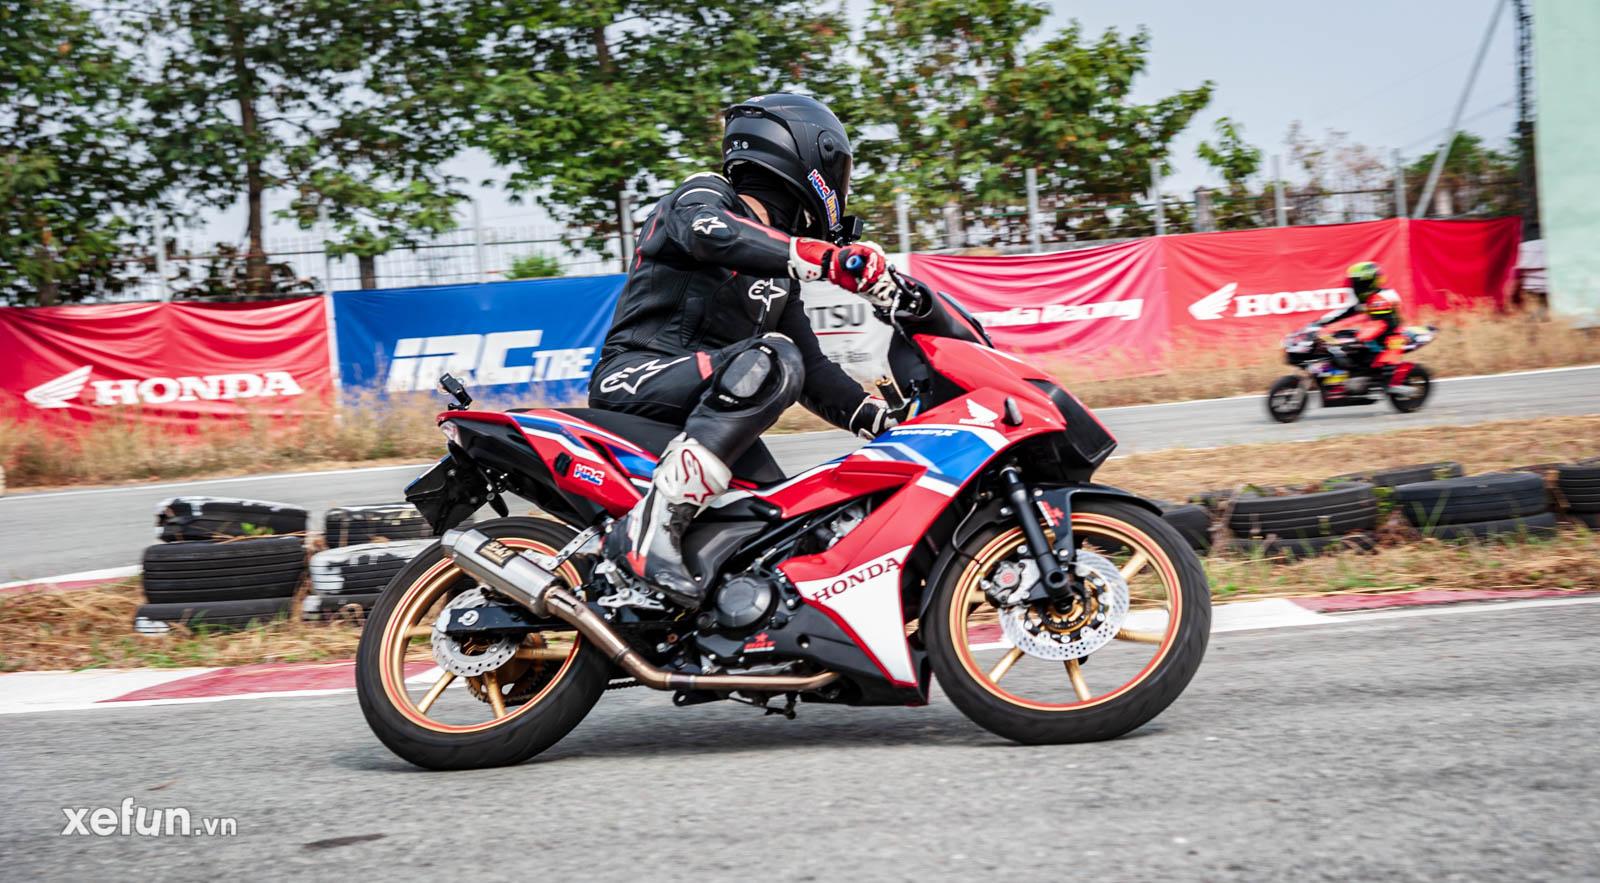 Bé Su 9 tuổi của Gia Cát Việt Tuấn cùng HLV Quân Trần Racing trên Xefun (1)6475